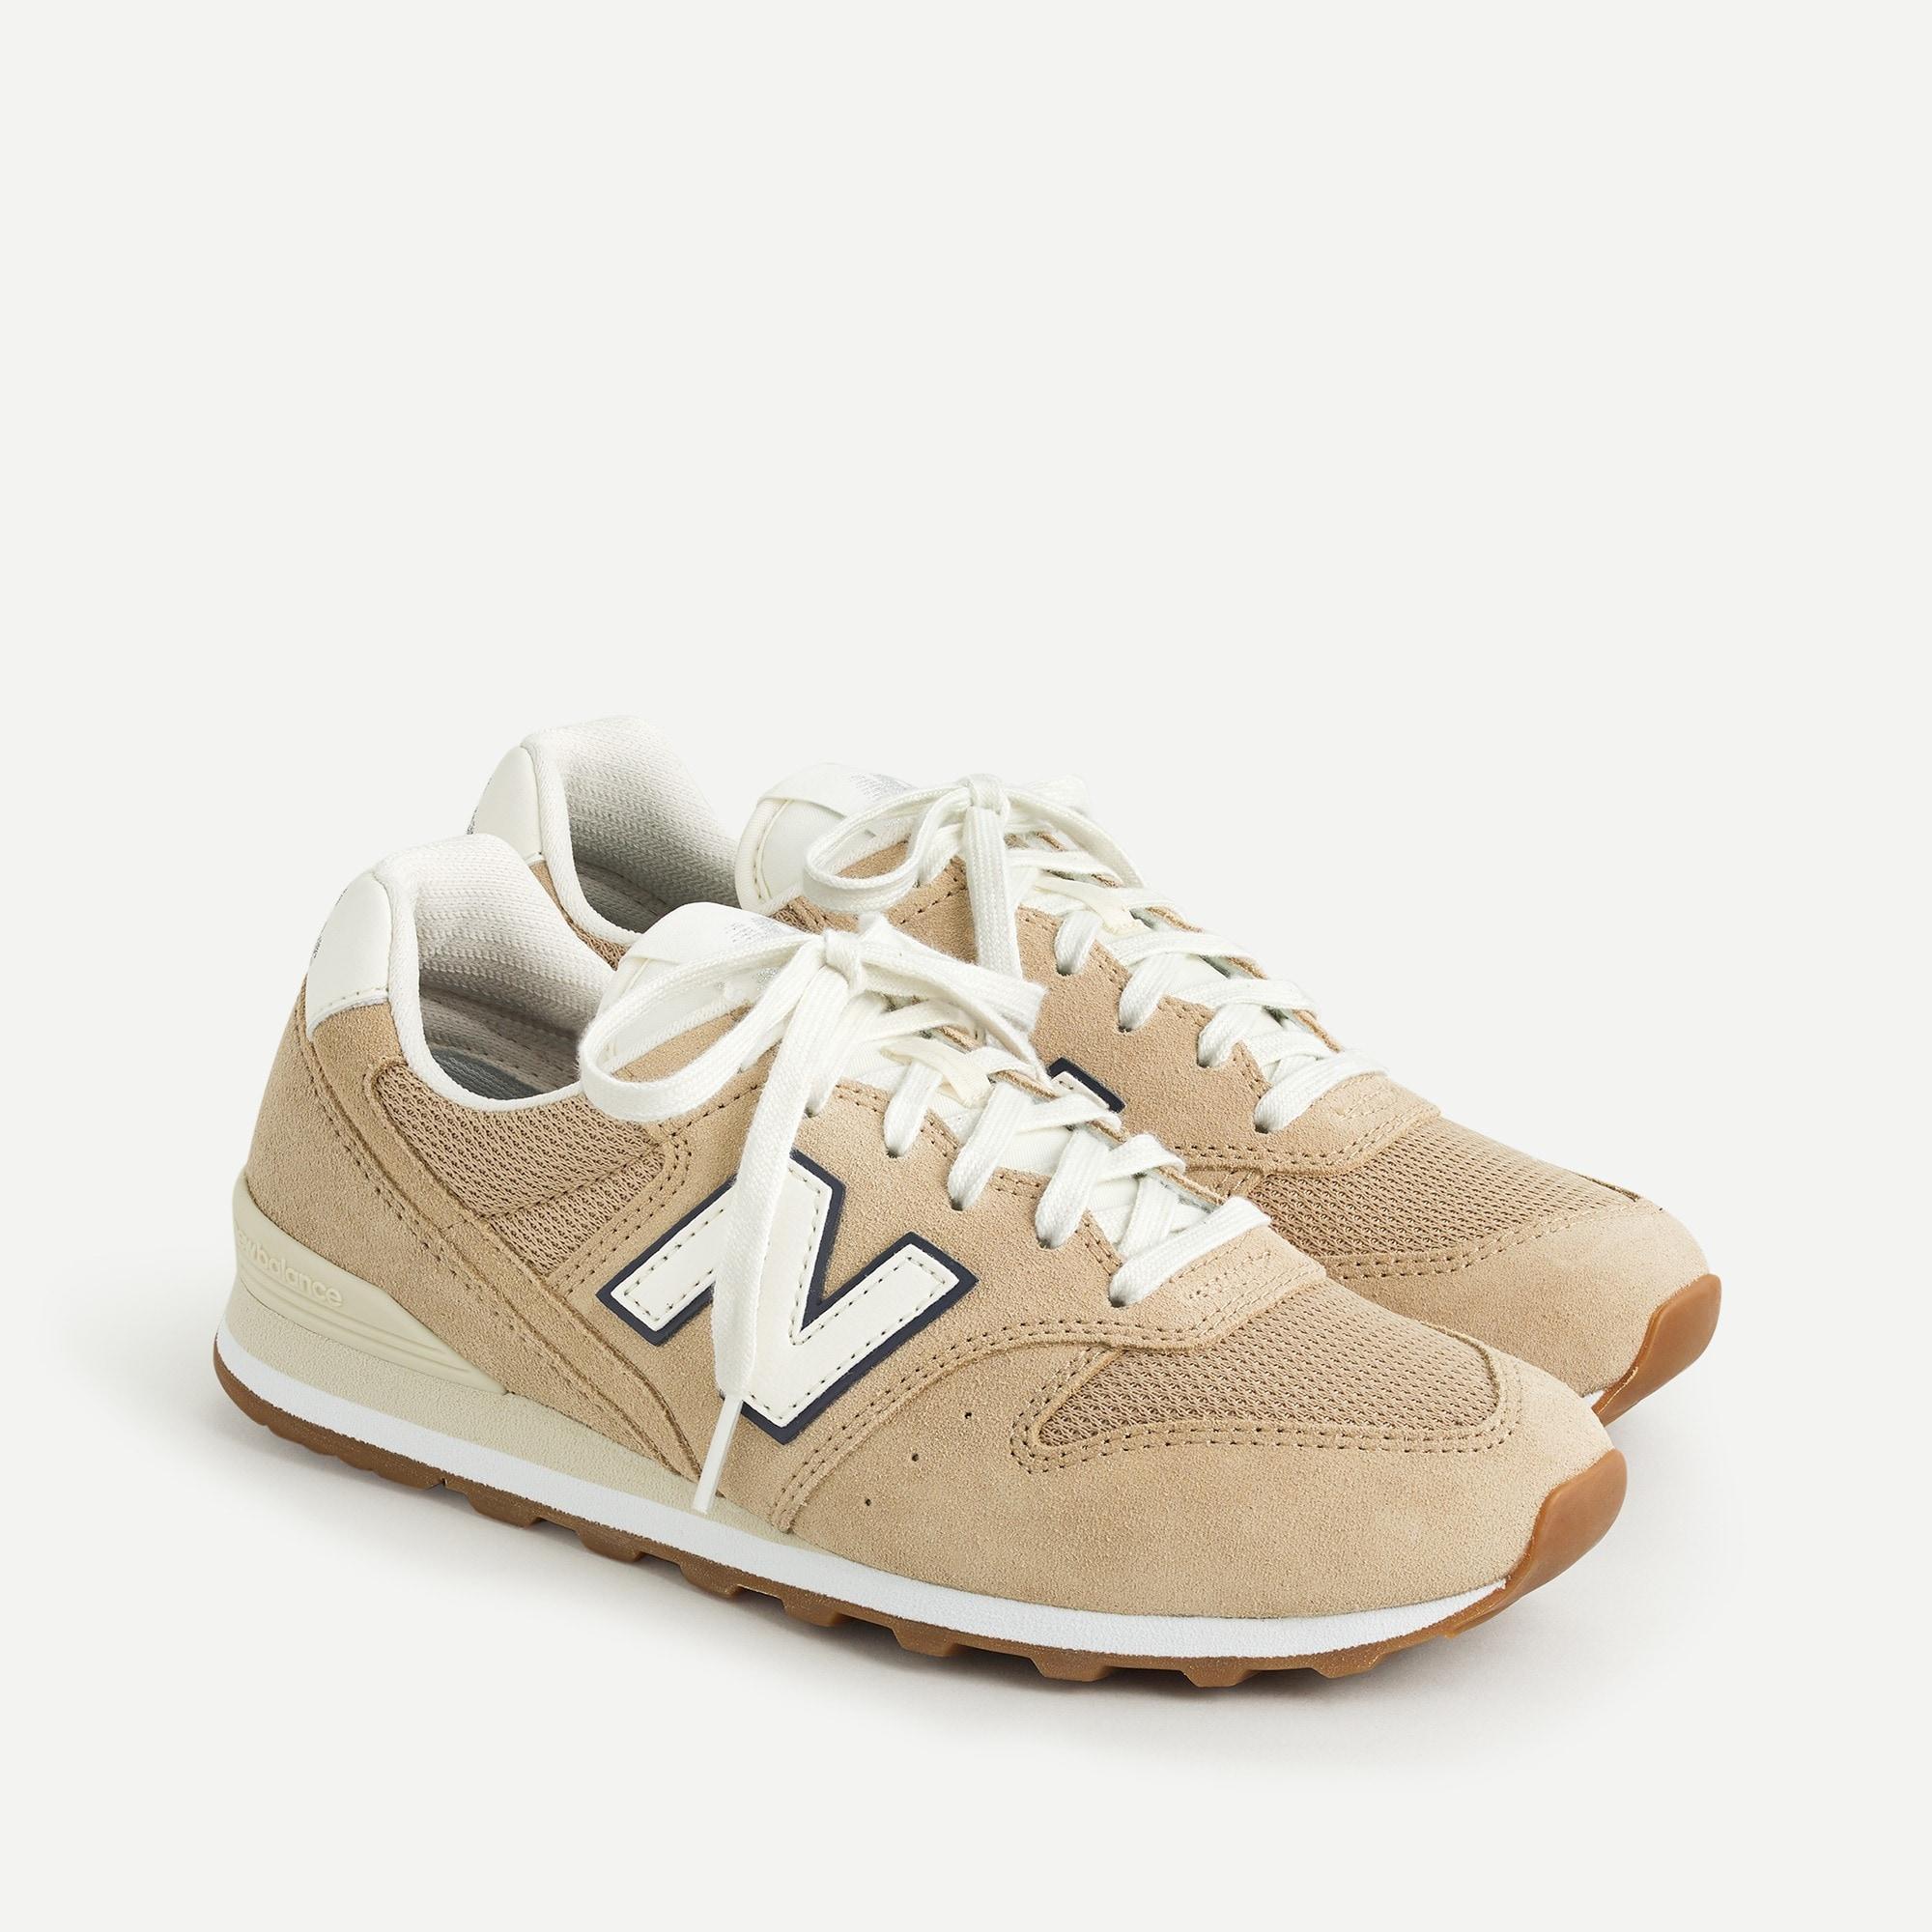 ® X J.crew 996 Sneakers In Suede